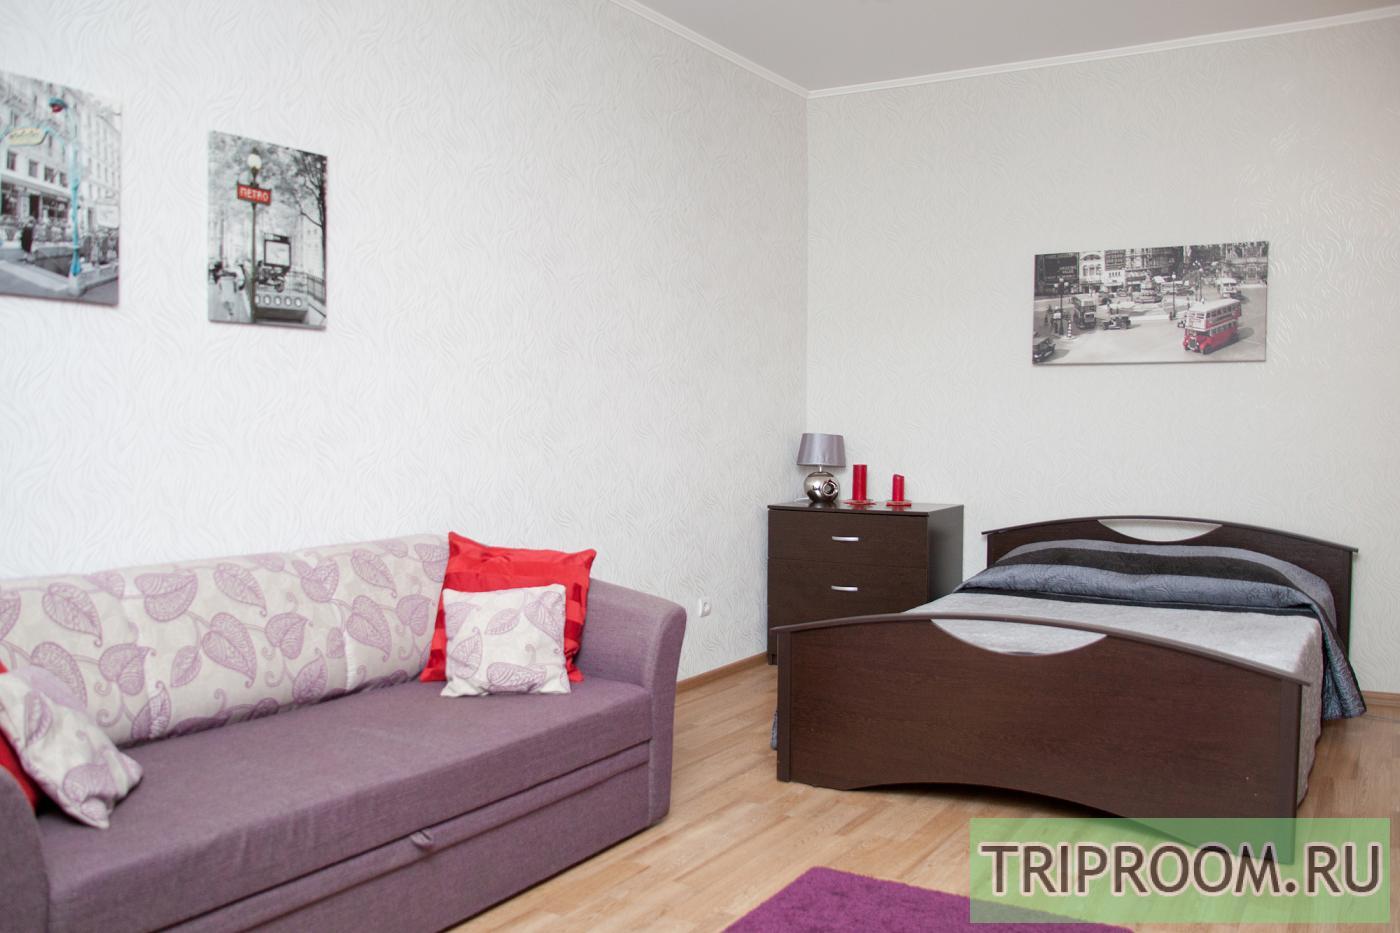 1-комнатная квартира посуточно (вариант № 7417), ул. Прмышленная улица, фото № 11